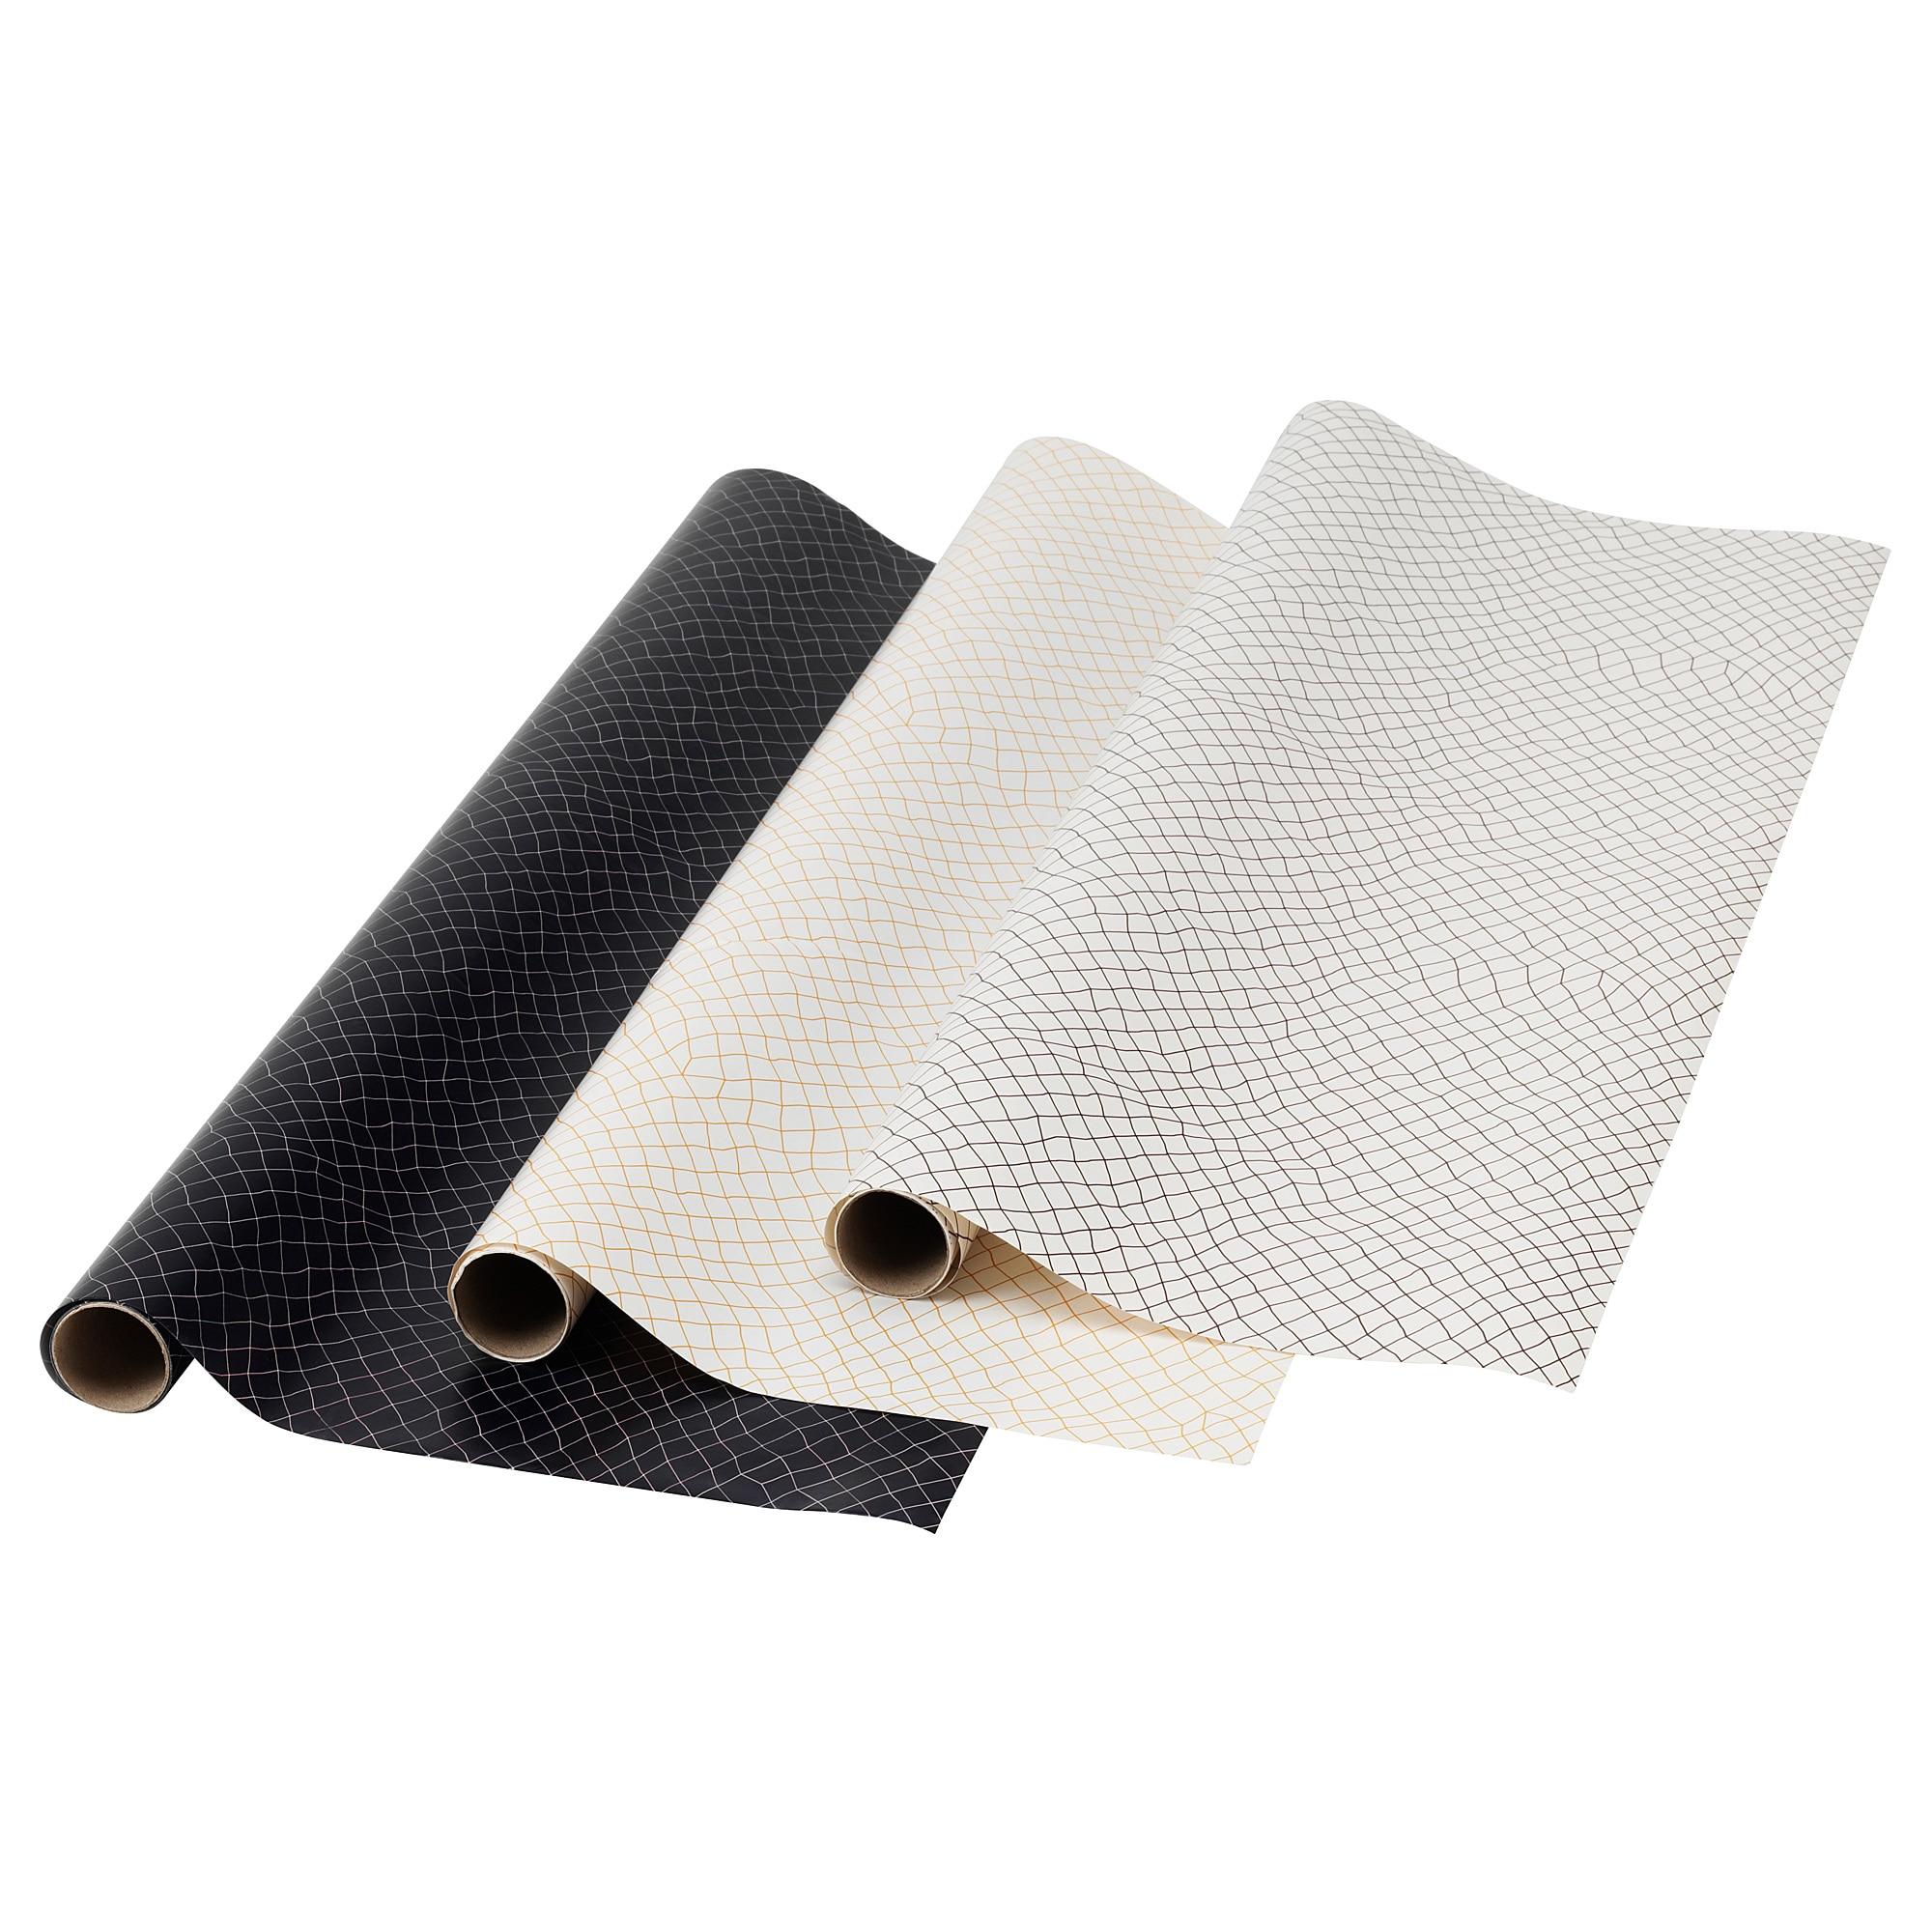 Рулон оберточной бумаги ЛАНКМОЙ черный артикуль № 404.022.98 в наличии. Интернет сайт IKEA РБ. Недорогая доставка и установка.